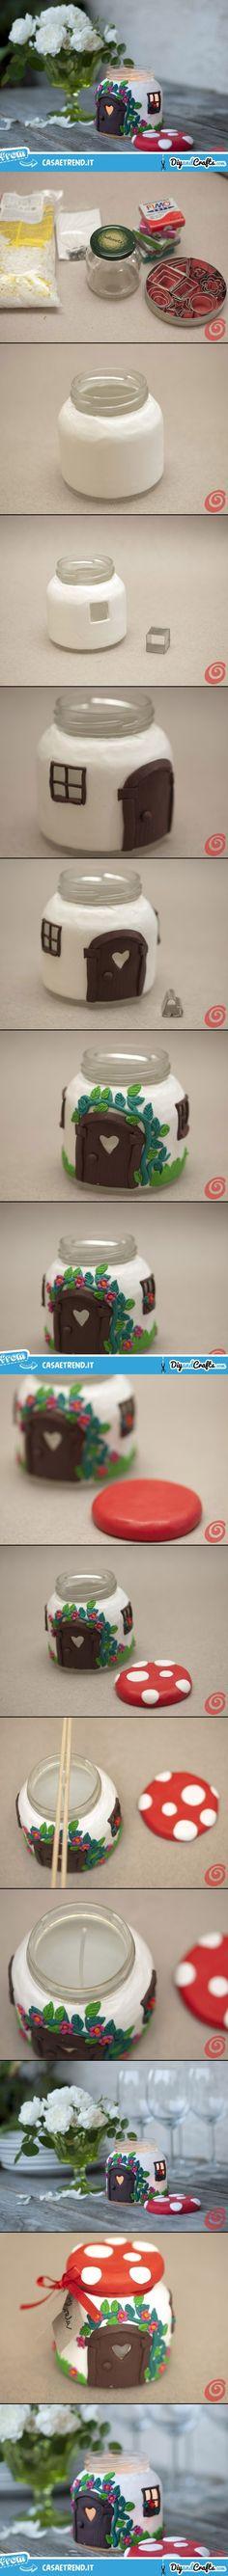 #DIY #FIMO Fabriquez de jolies bougies maison en modelant la pâte Fimo sur un pot en verre